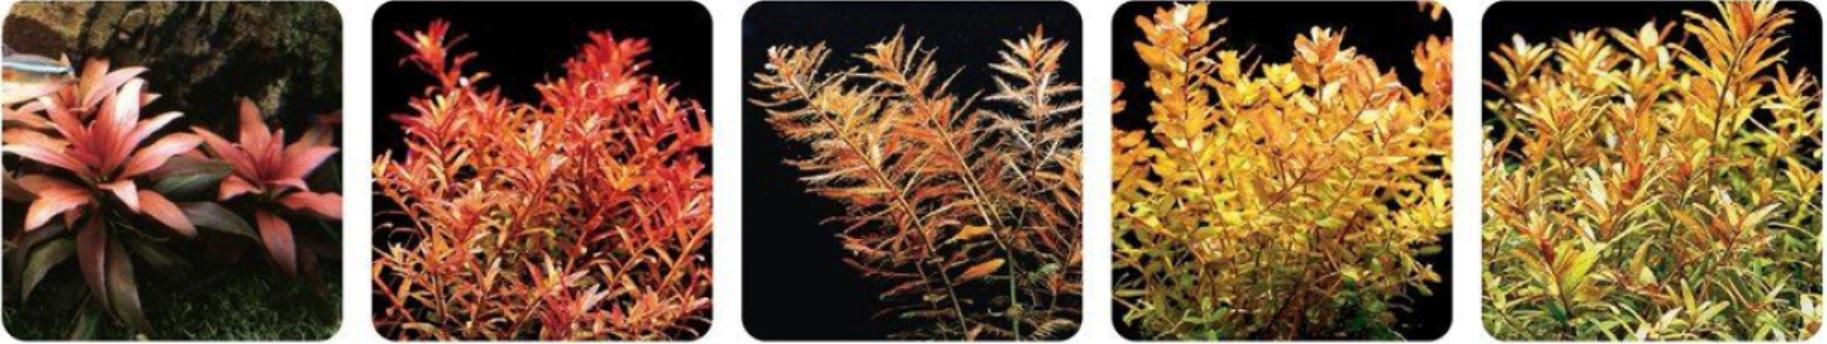 رنگ قرمز در آکواریوم گیاهی